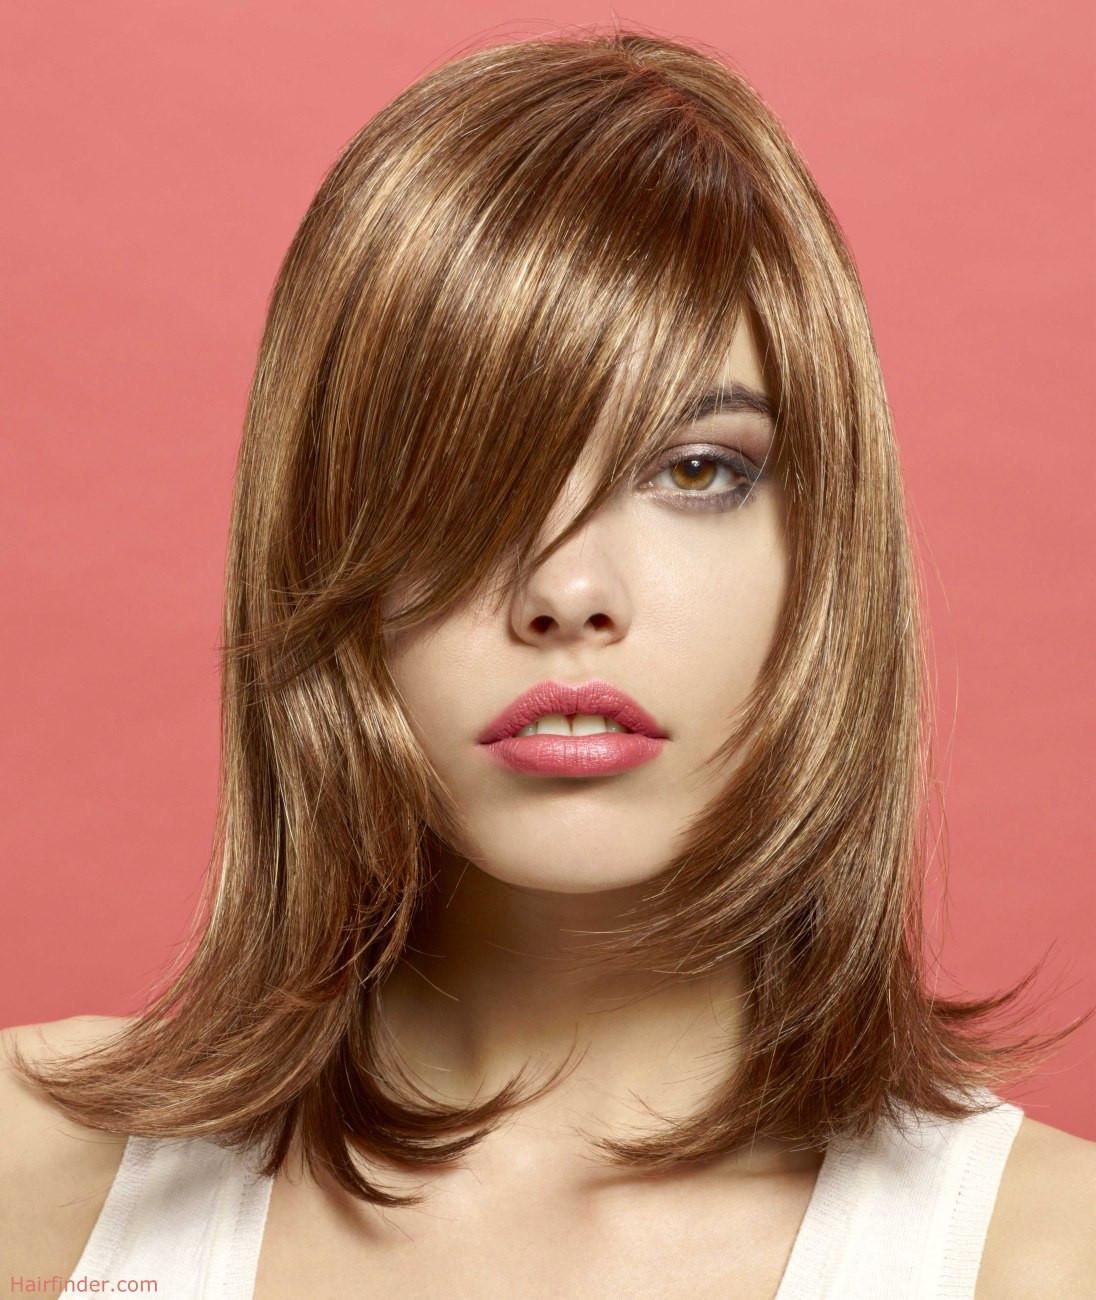 Unbelievably Stylish Flip Hairstyles for Women   The UnderCut